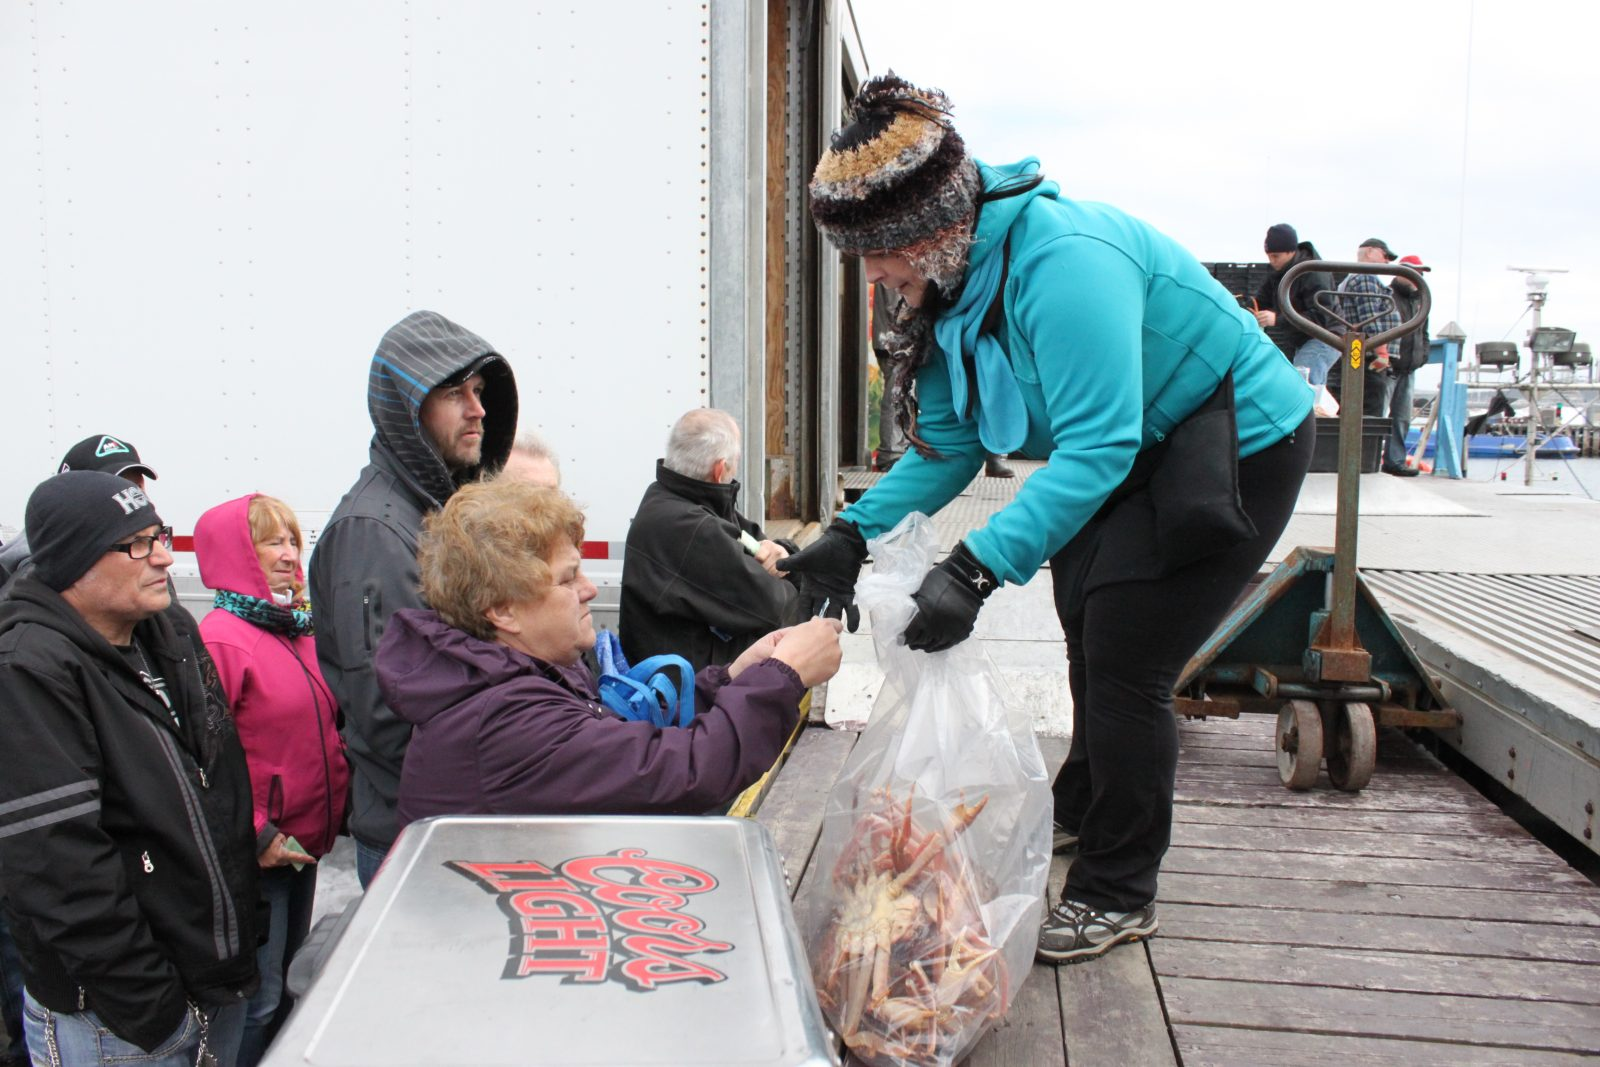 Litige sur le prix de vente : Gain pour les pêcheurs de crabe